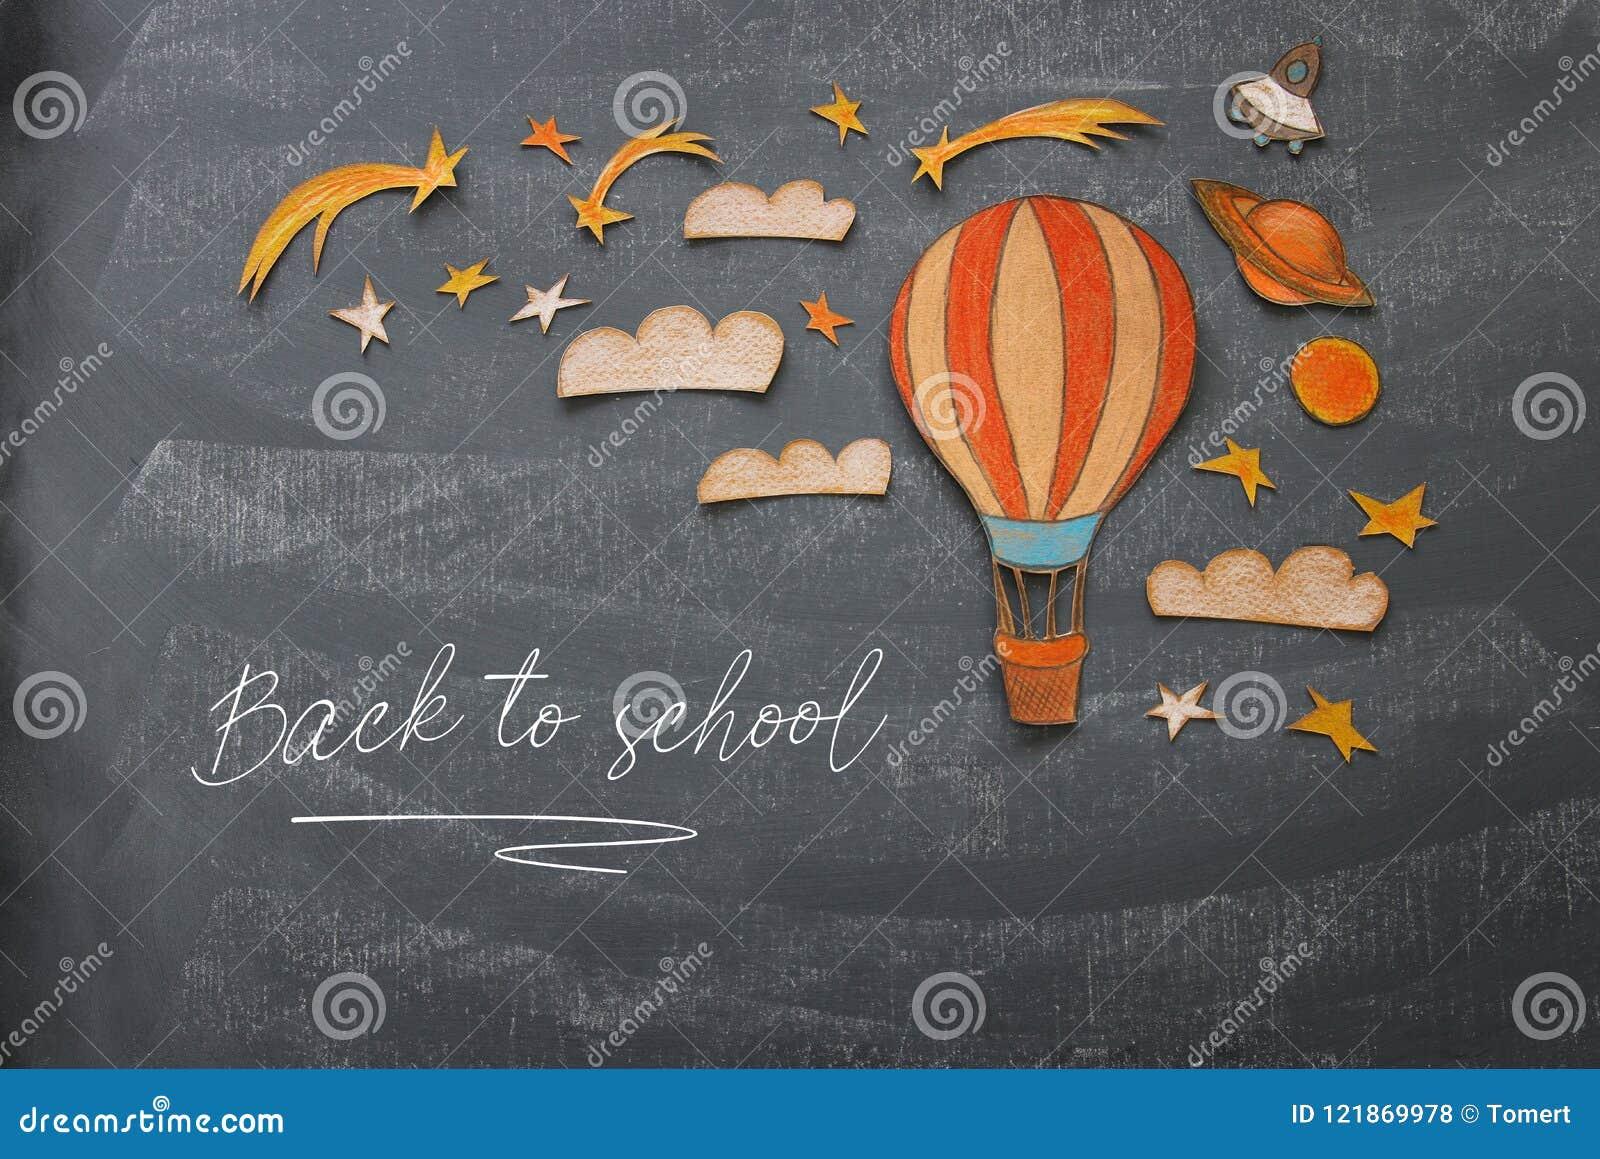 De volta ao conceito da escola Balão de ar quente, corte das formas dos elementos do espaço do papel e pintado sobre o fundo do q